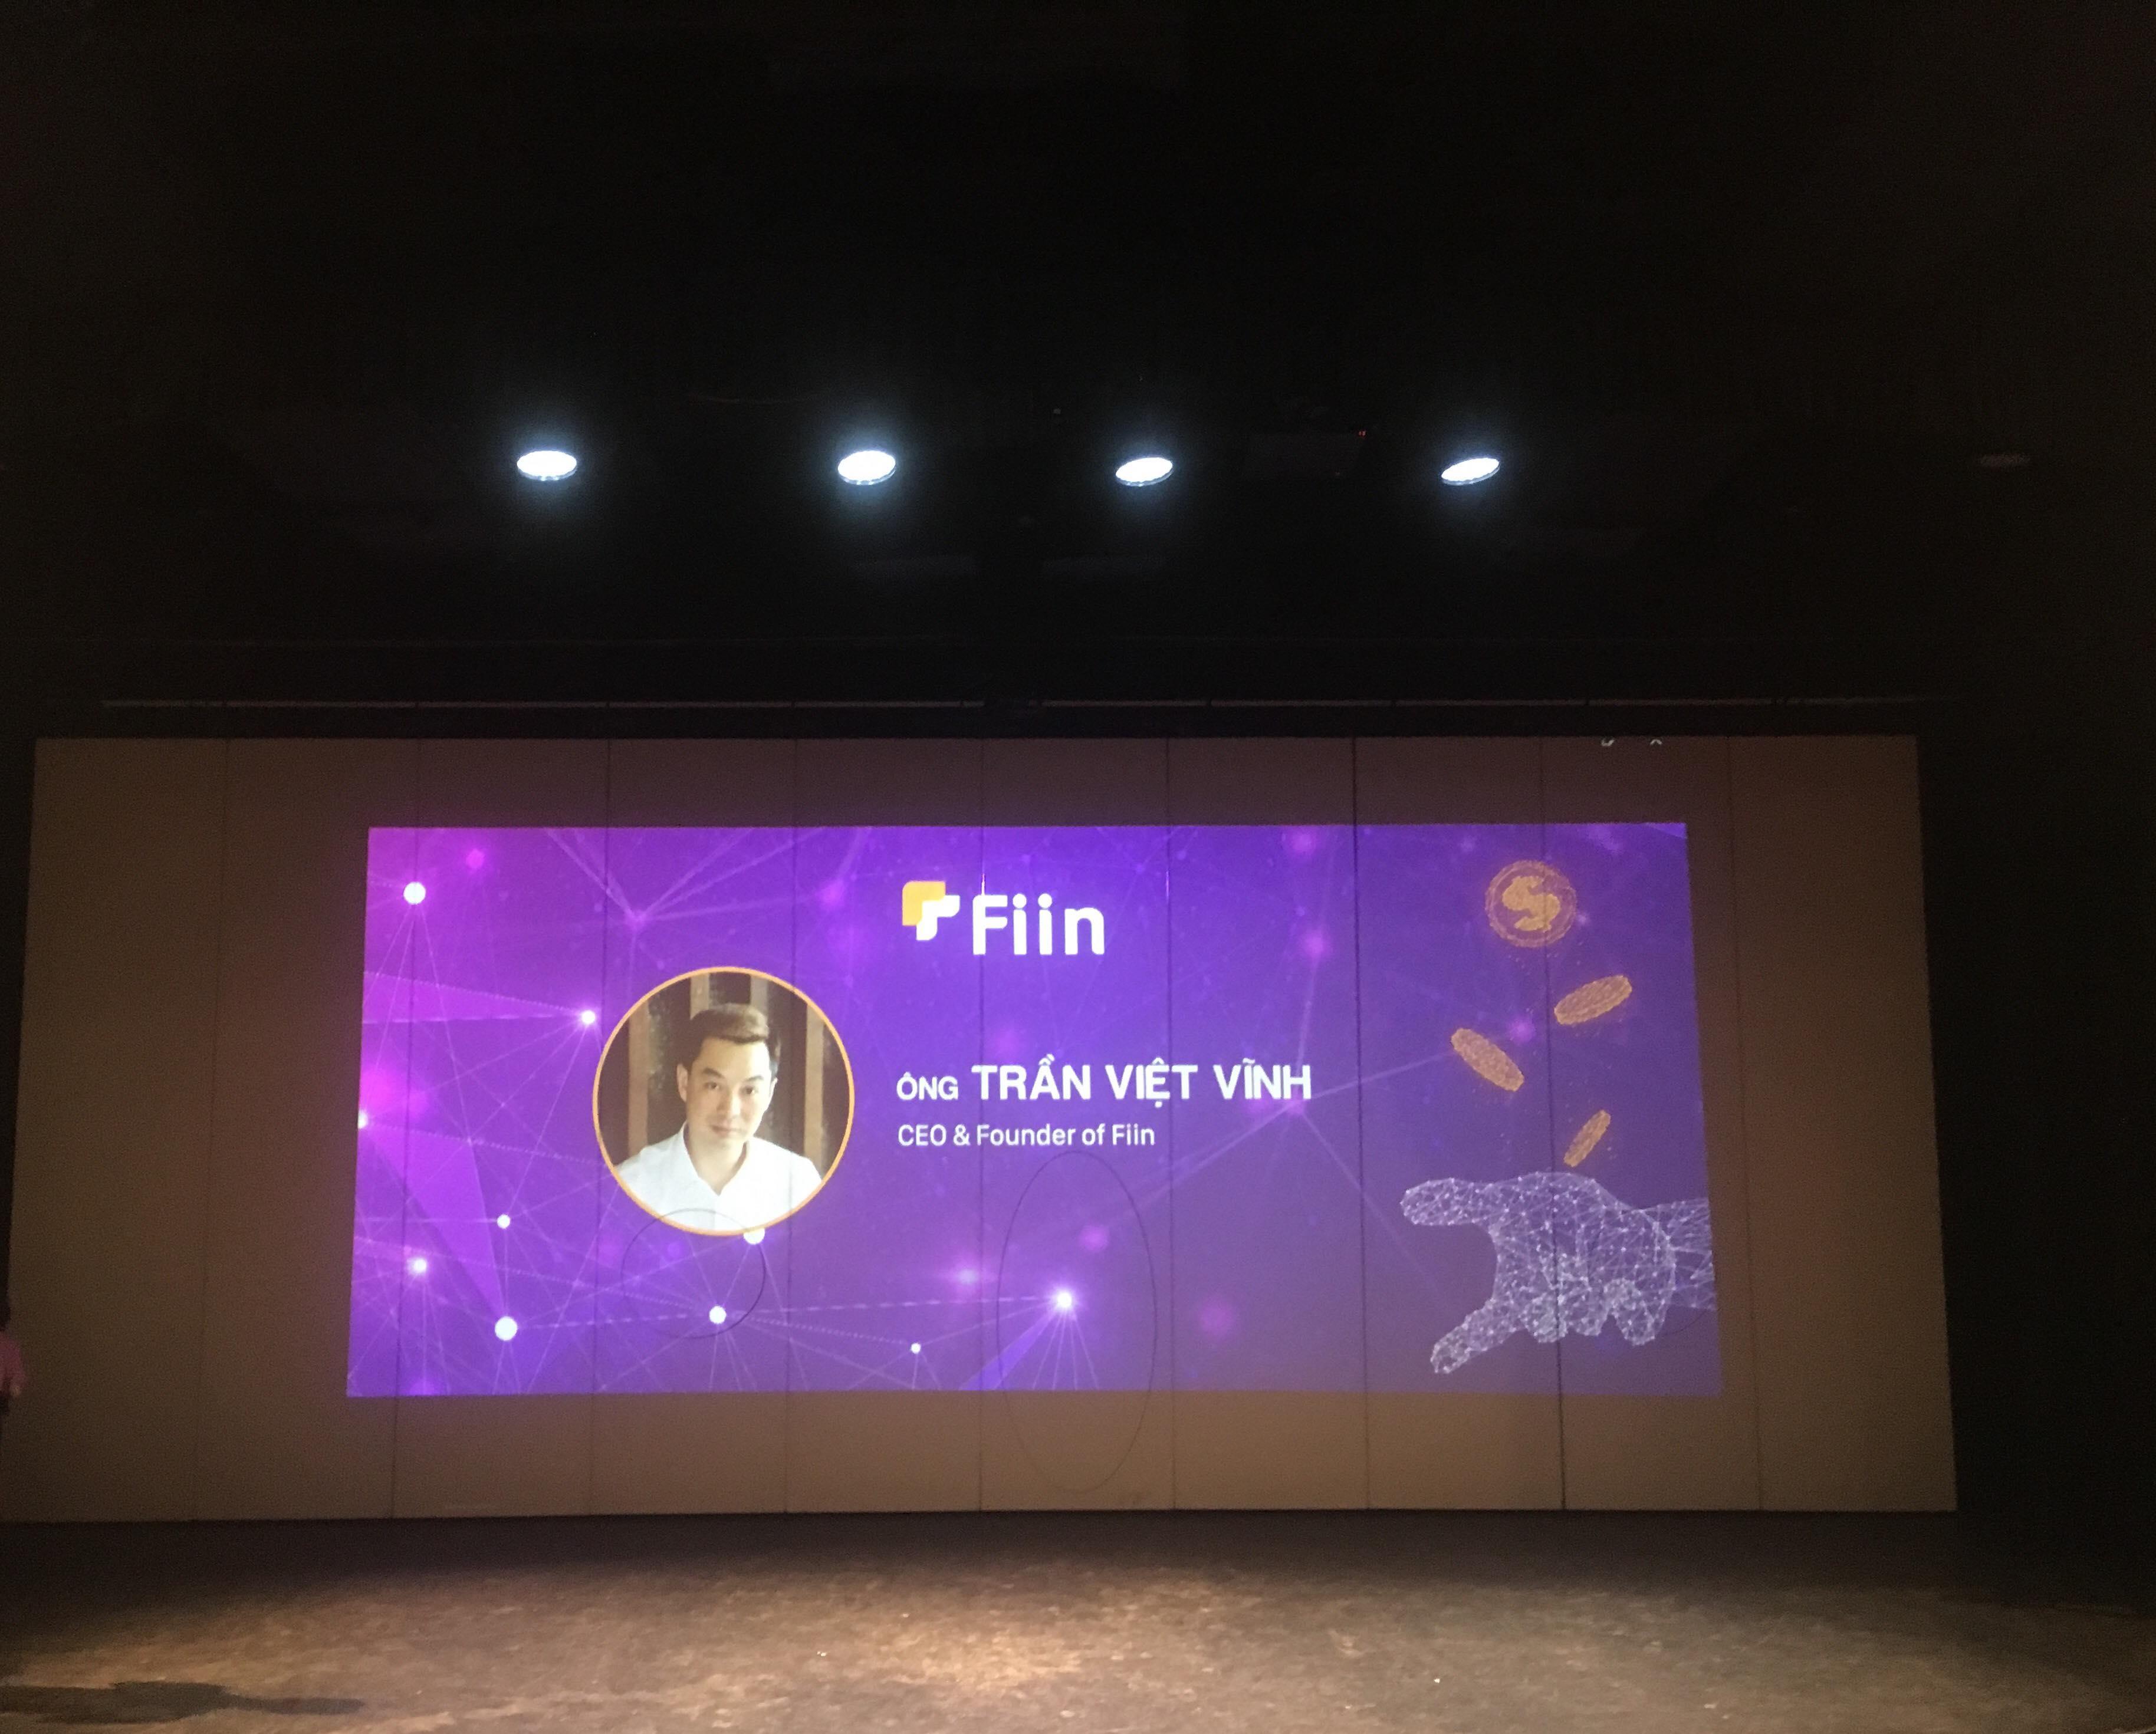 Ông Trần Việt Vĩnh - Người sáng lập kiêm CEO của Fiin nói về tính cấp thiết của dịch vụ ứng tiền tiêu dùng ở Việt Nam.